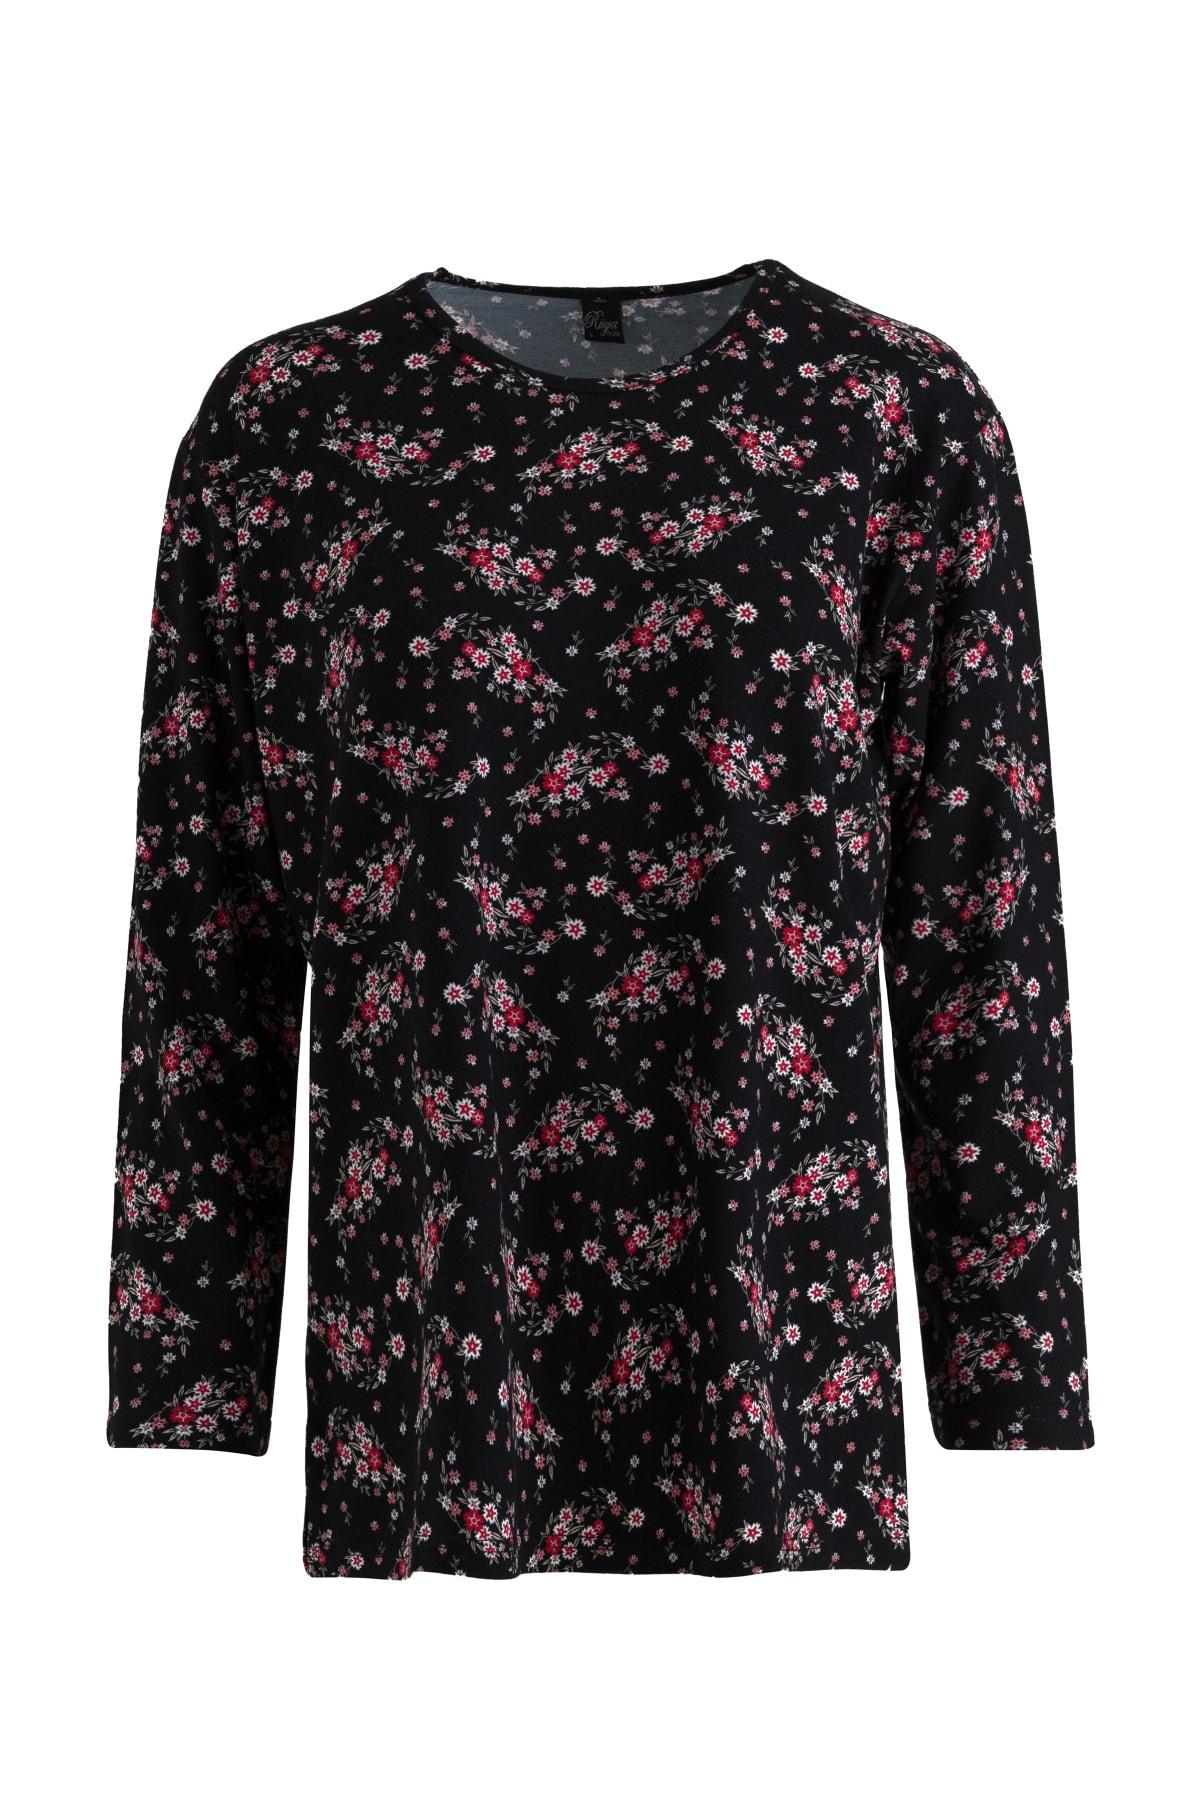 Büyük Beden Çizgili Çiçek Kaplamalı Anne Penye Bluz